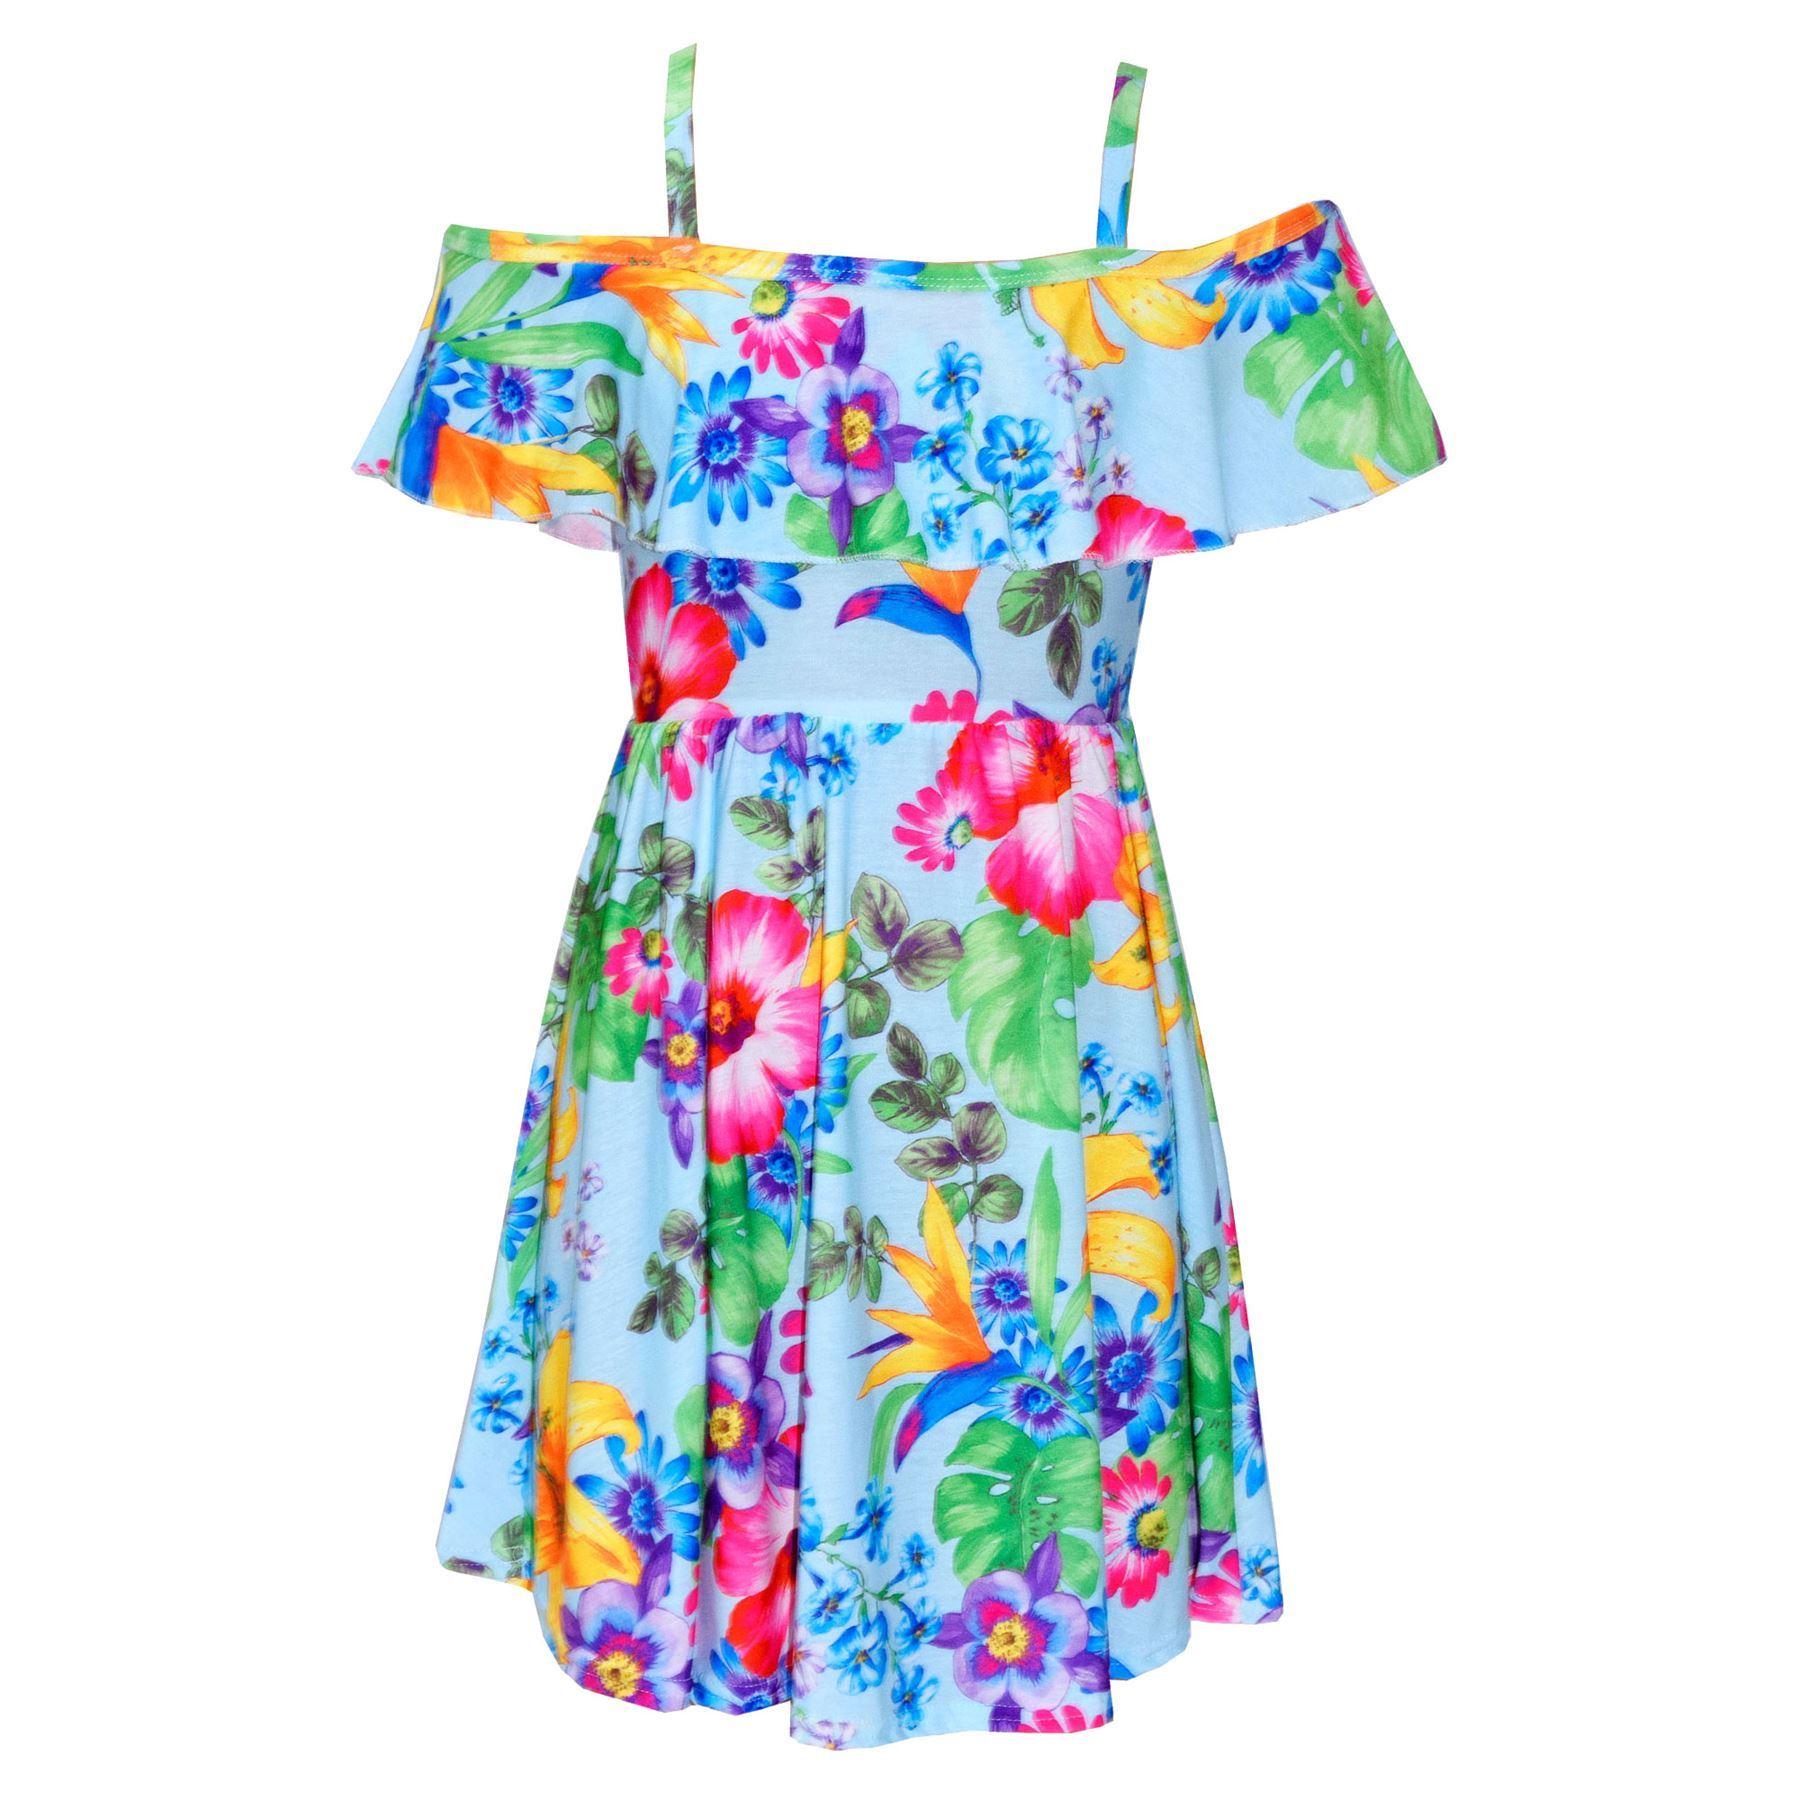 Girls Skater Dress Kids Floral Print Summer Party Off ...